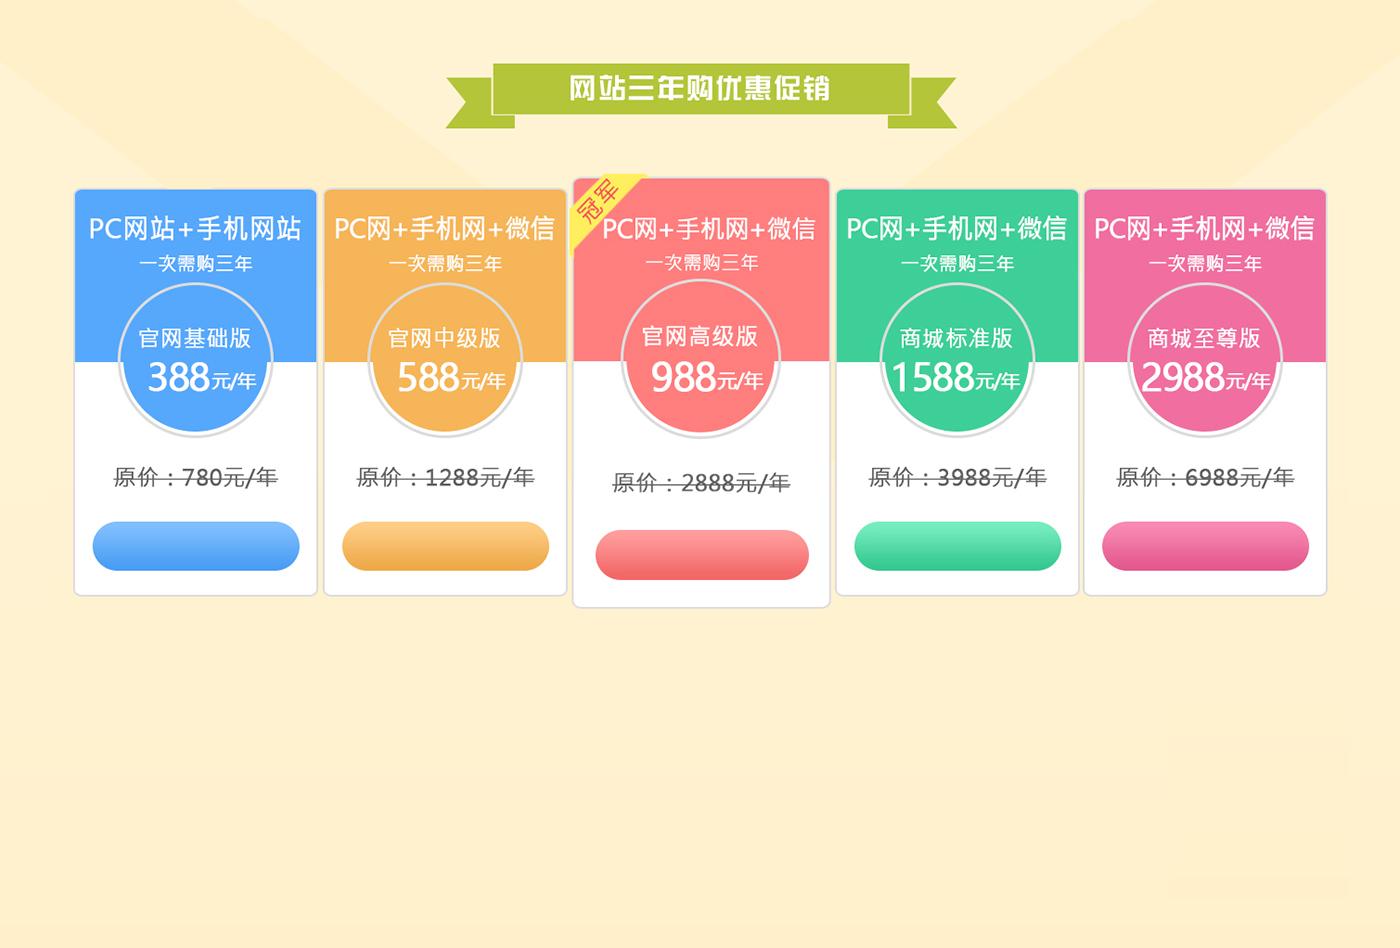 三年购_06.jpg